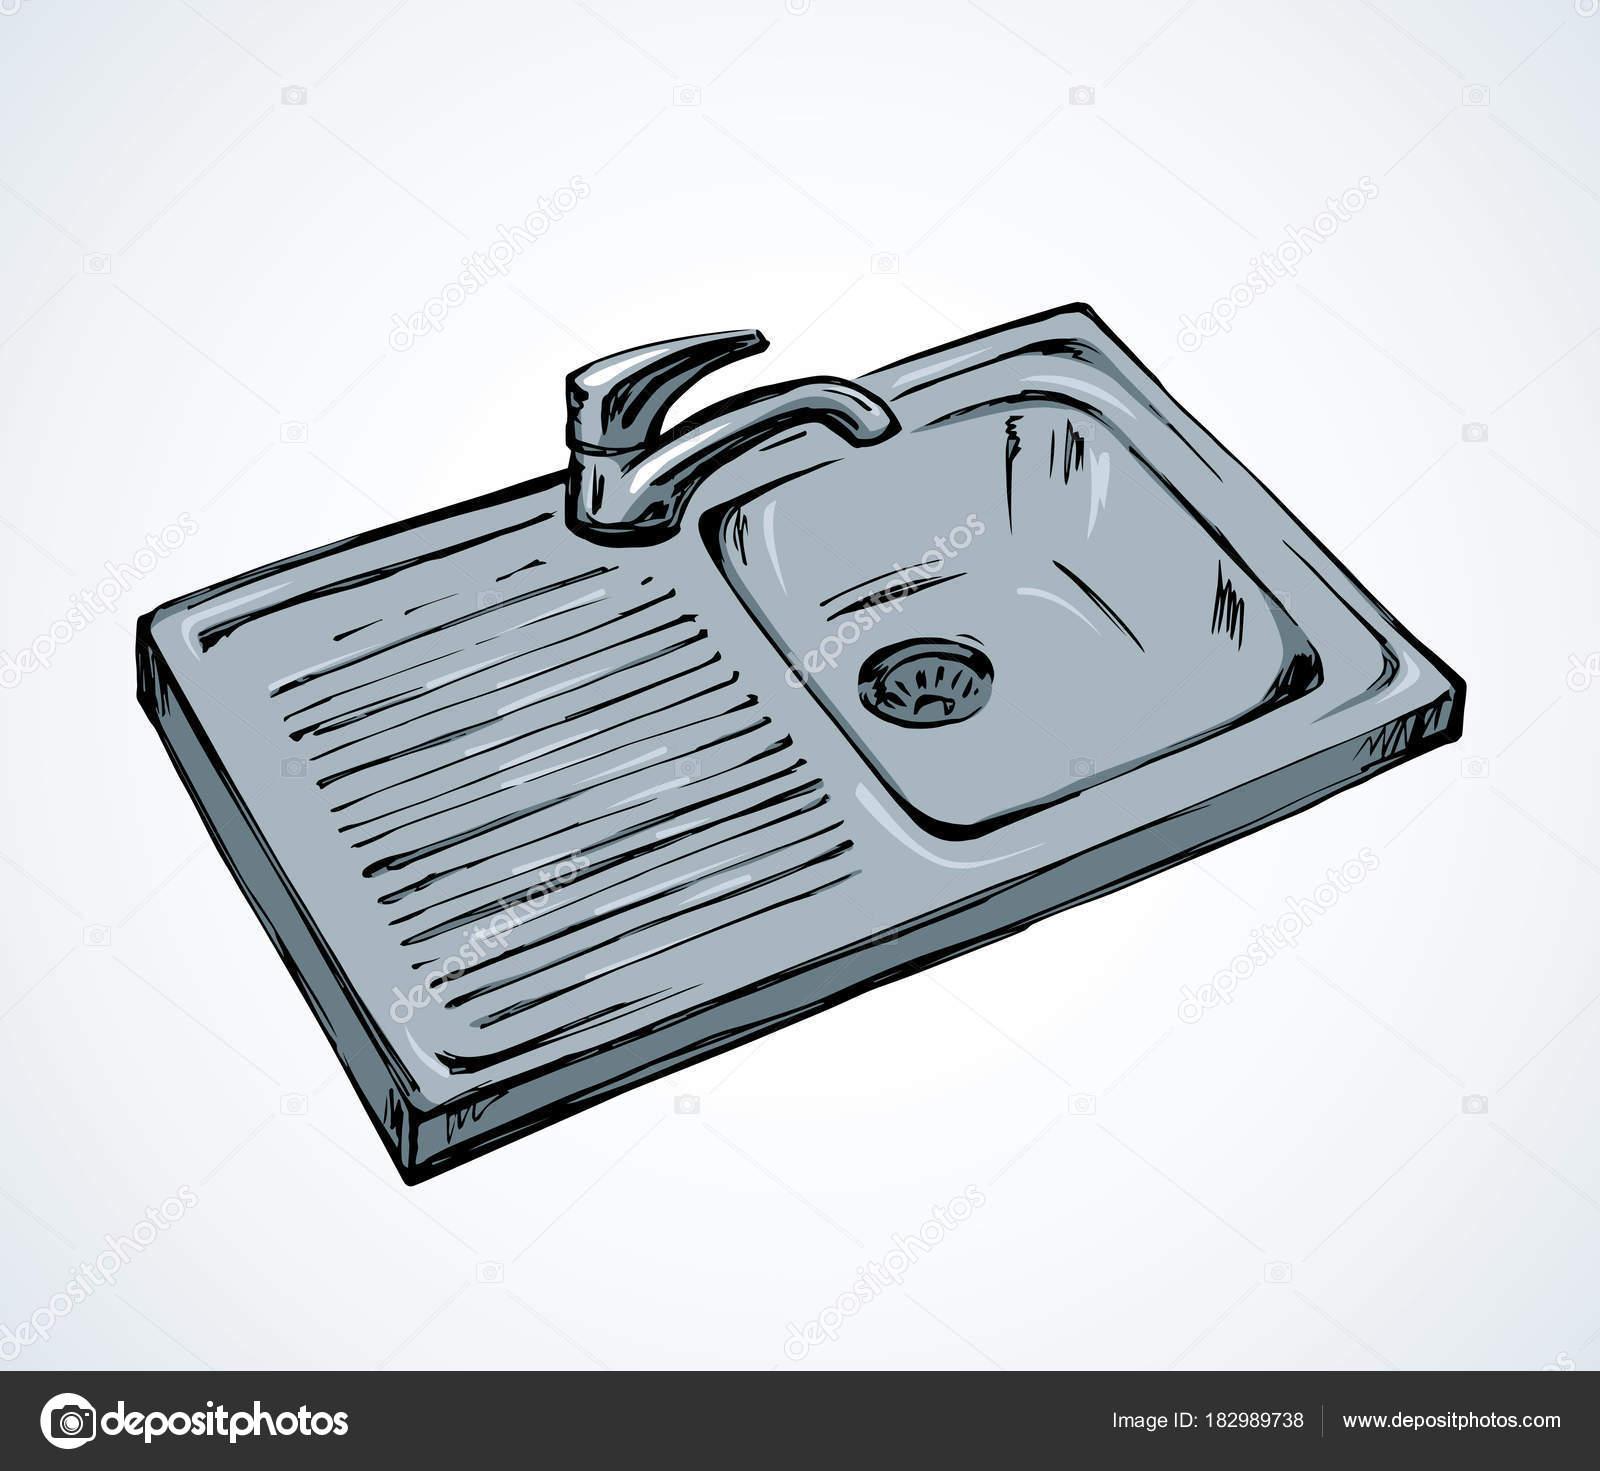 Küchenspüle. Vektor-Zeichenprogramm — Stockvektor © Marinka #182989738